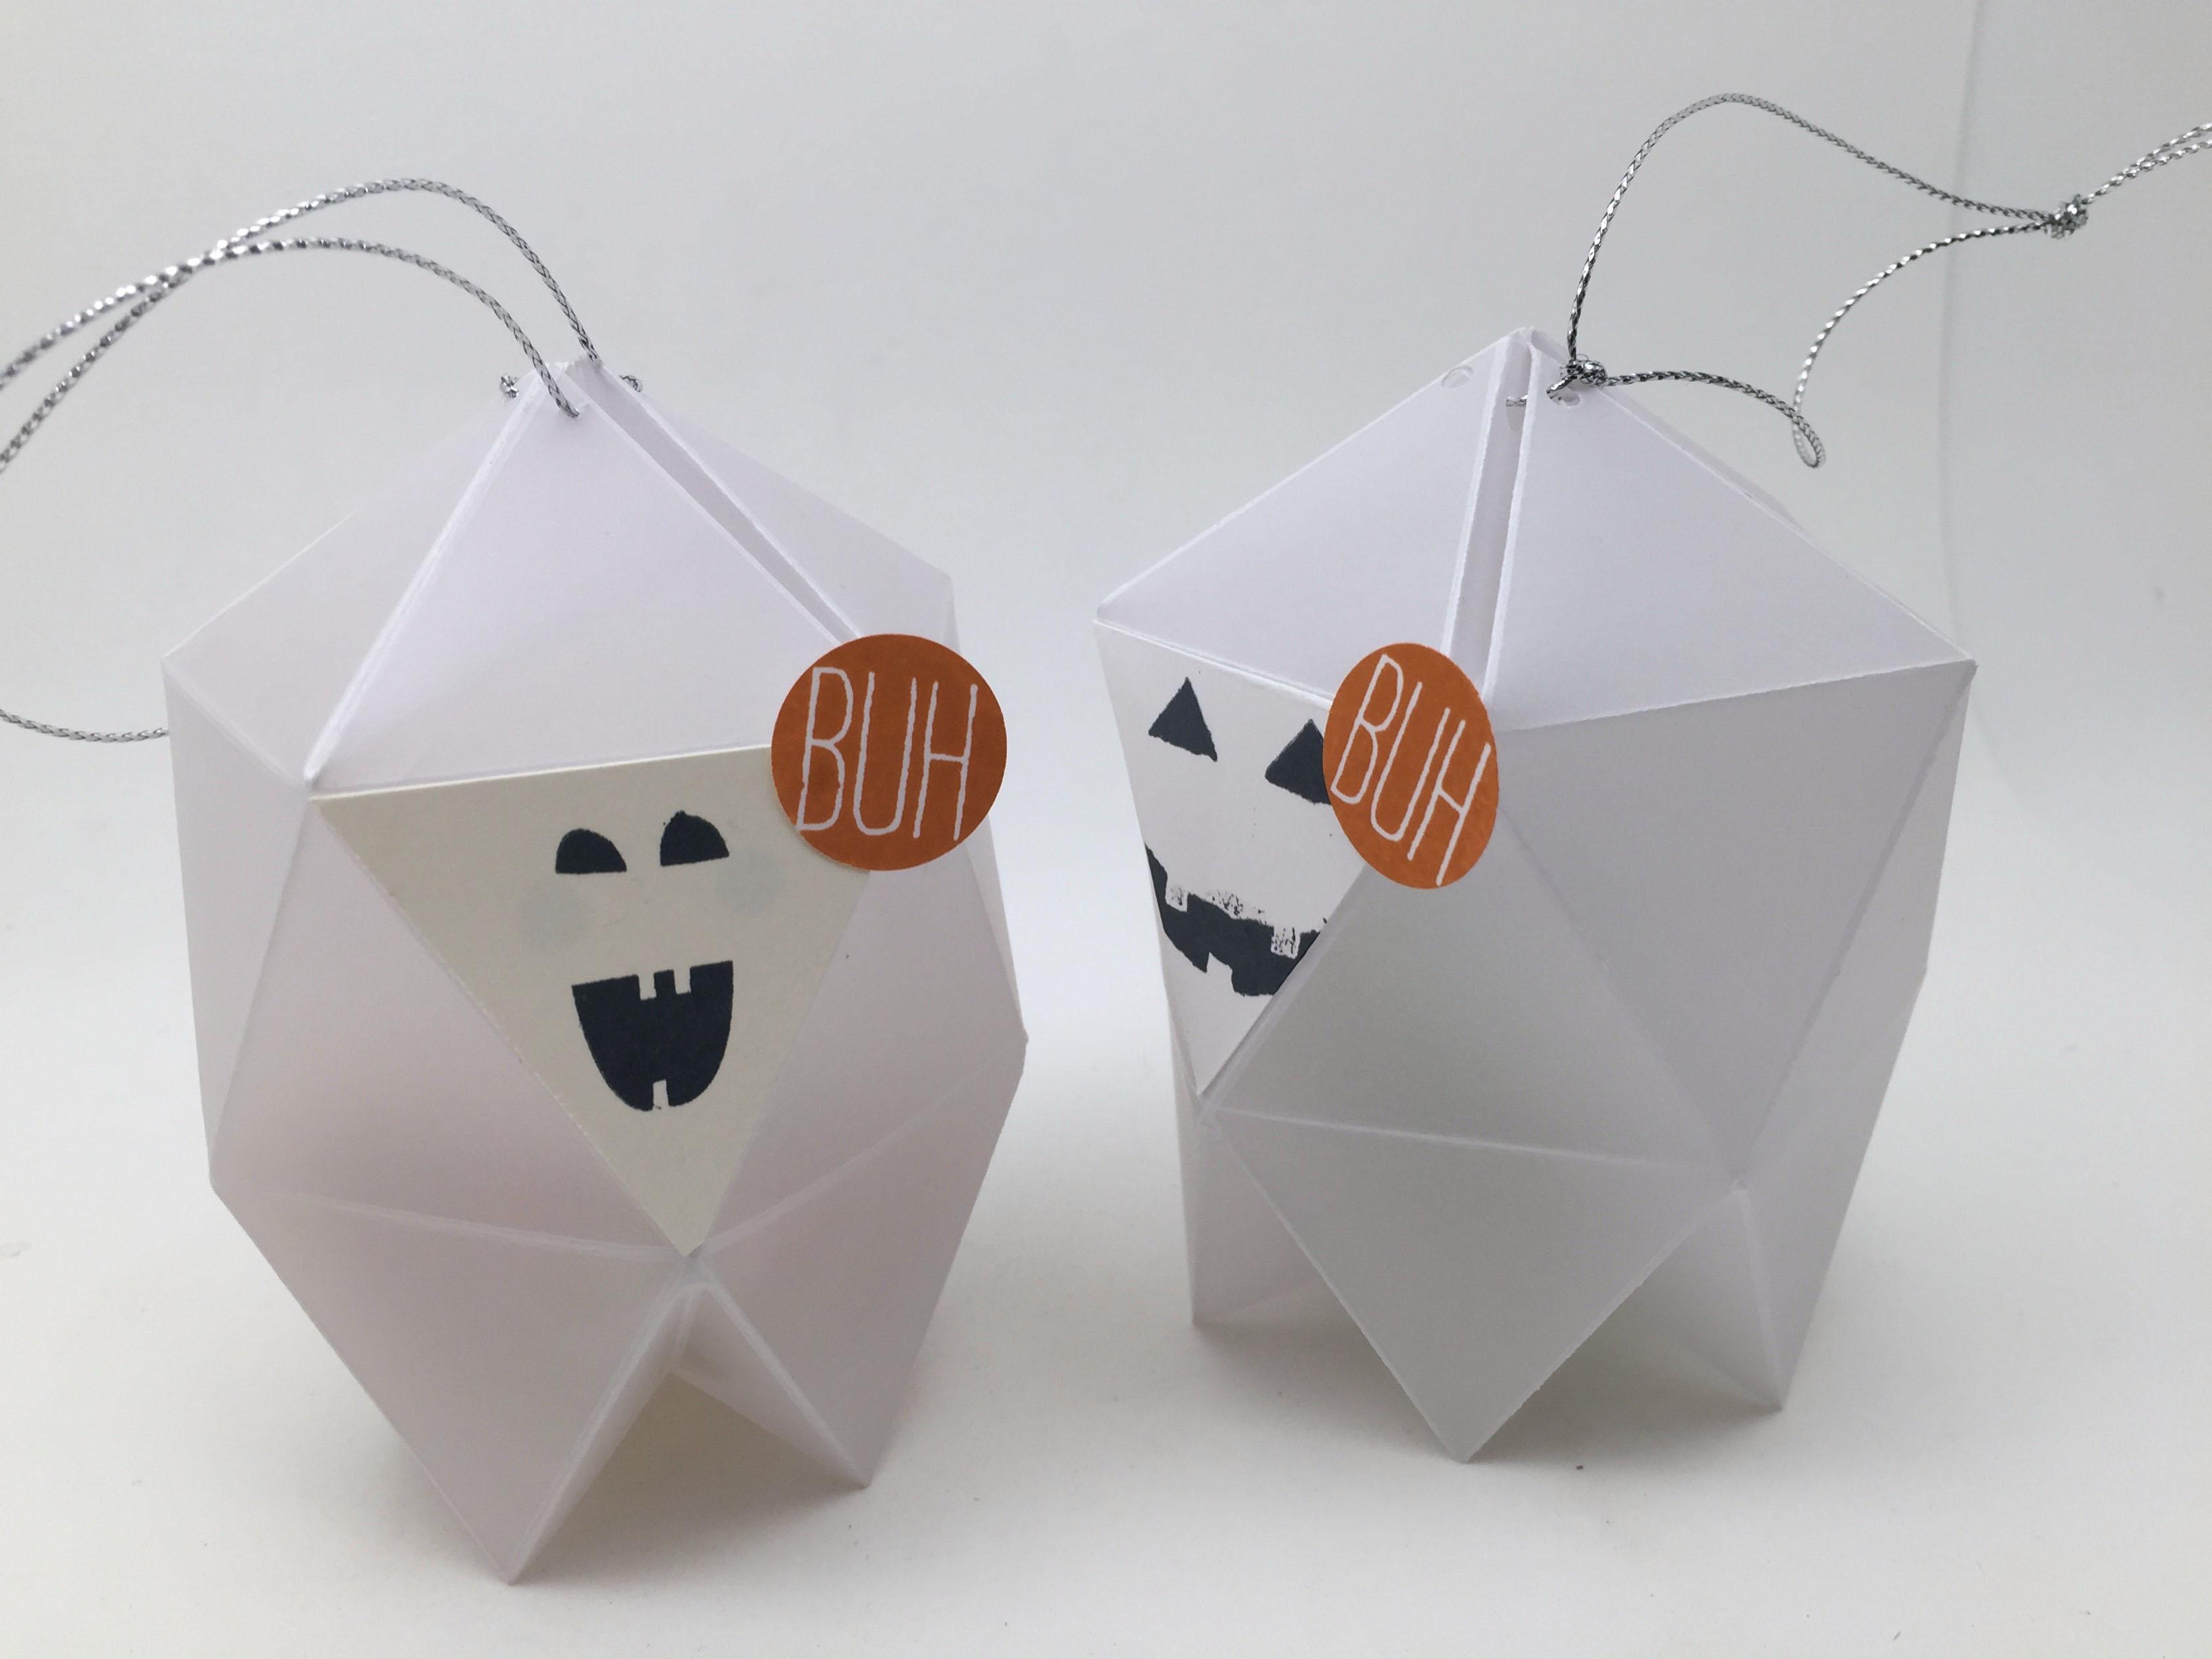 Stampin Up-Stempelherz-Verpackung-Box-Halloween-Geister-Gespenster-Trick or Treat-Buh-Geschenk-Halloweenverpackung-Videoanleitung-Spukgeister 03b